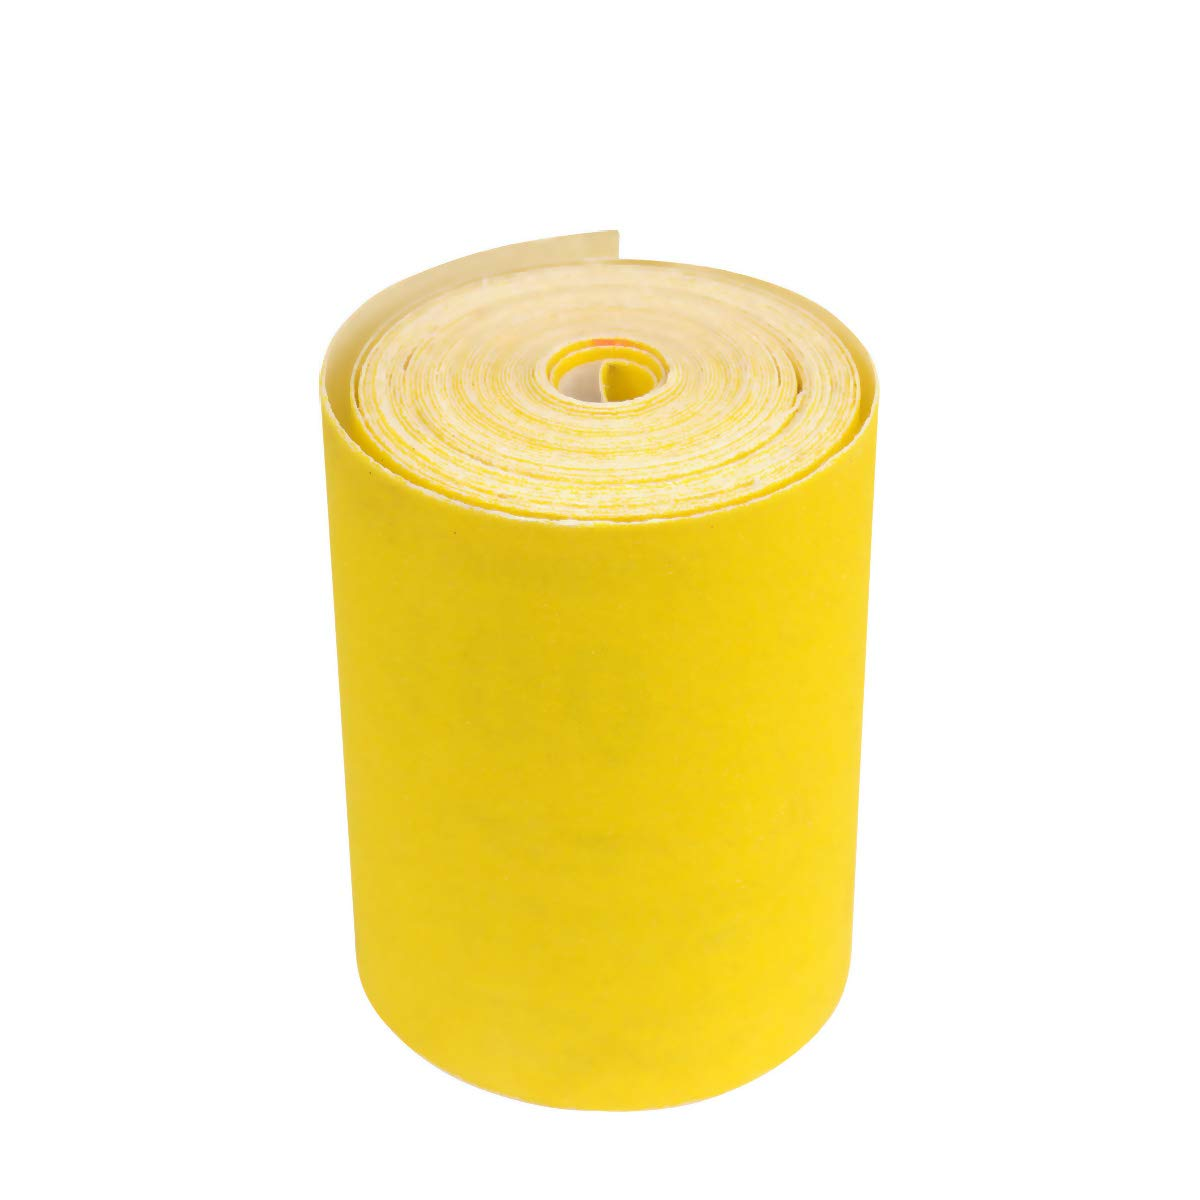 Schleifpapier Handschleifpapier Sandpapier 93 mm x 5 m Kö rnung 240 Rolle Lotex GmbH